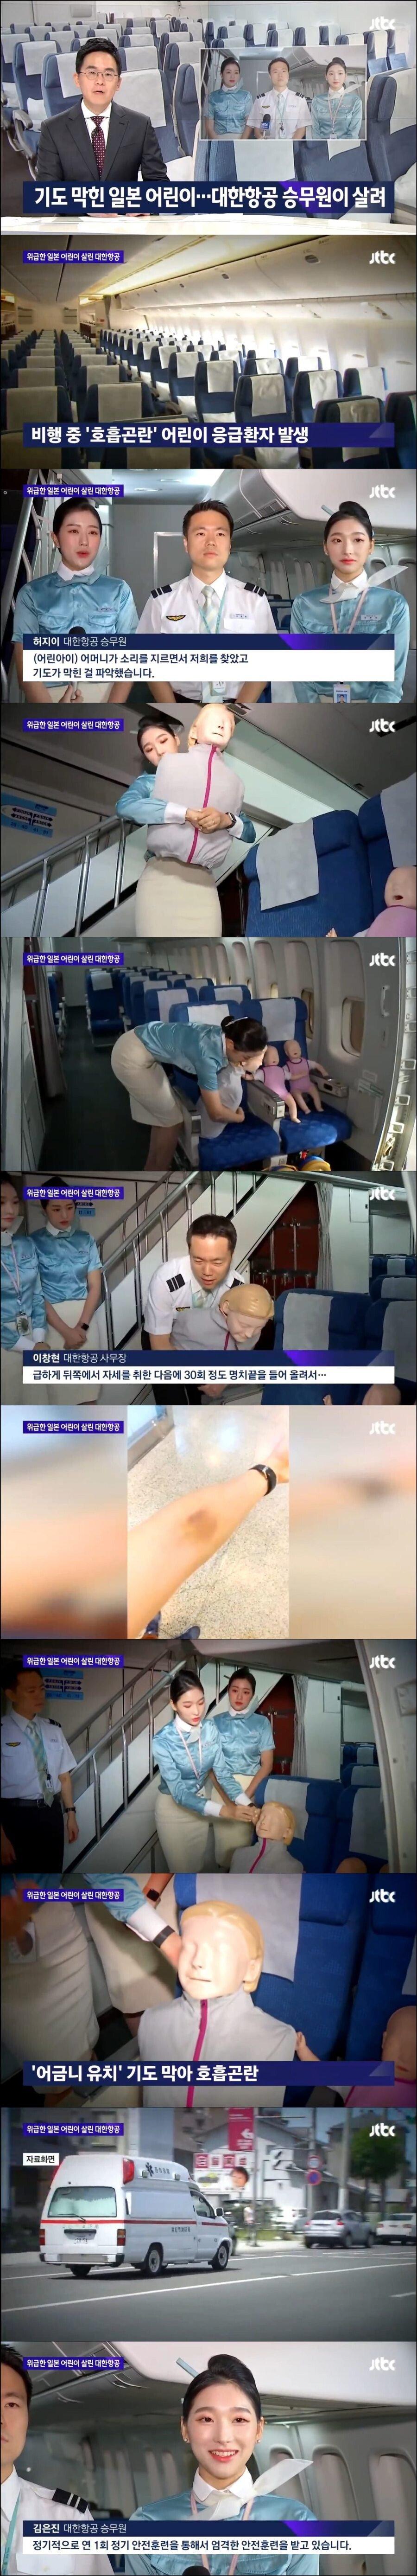 [유머] 기도 막힌 일본 여아를 살린 대한항공 승무원들 -  와이드섬